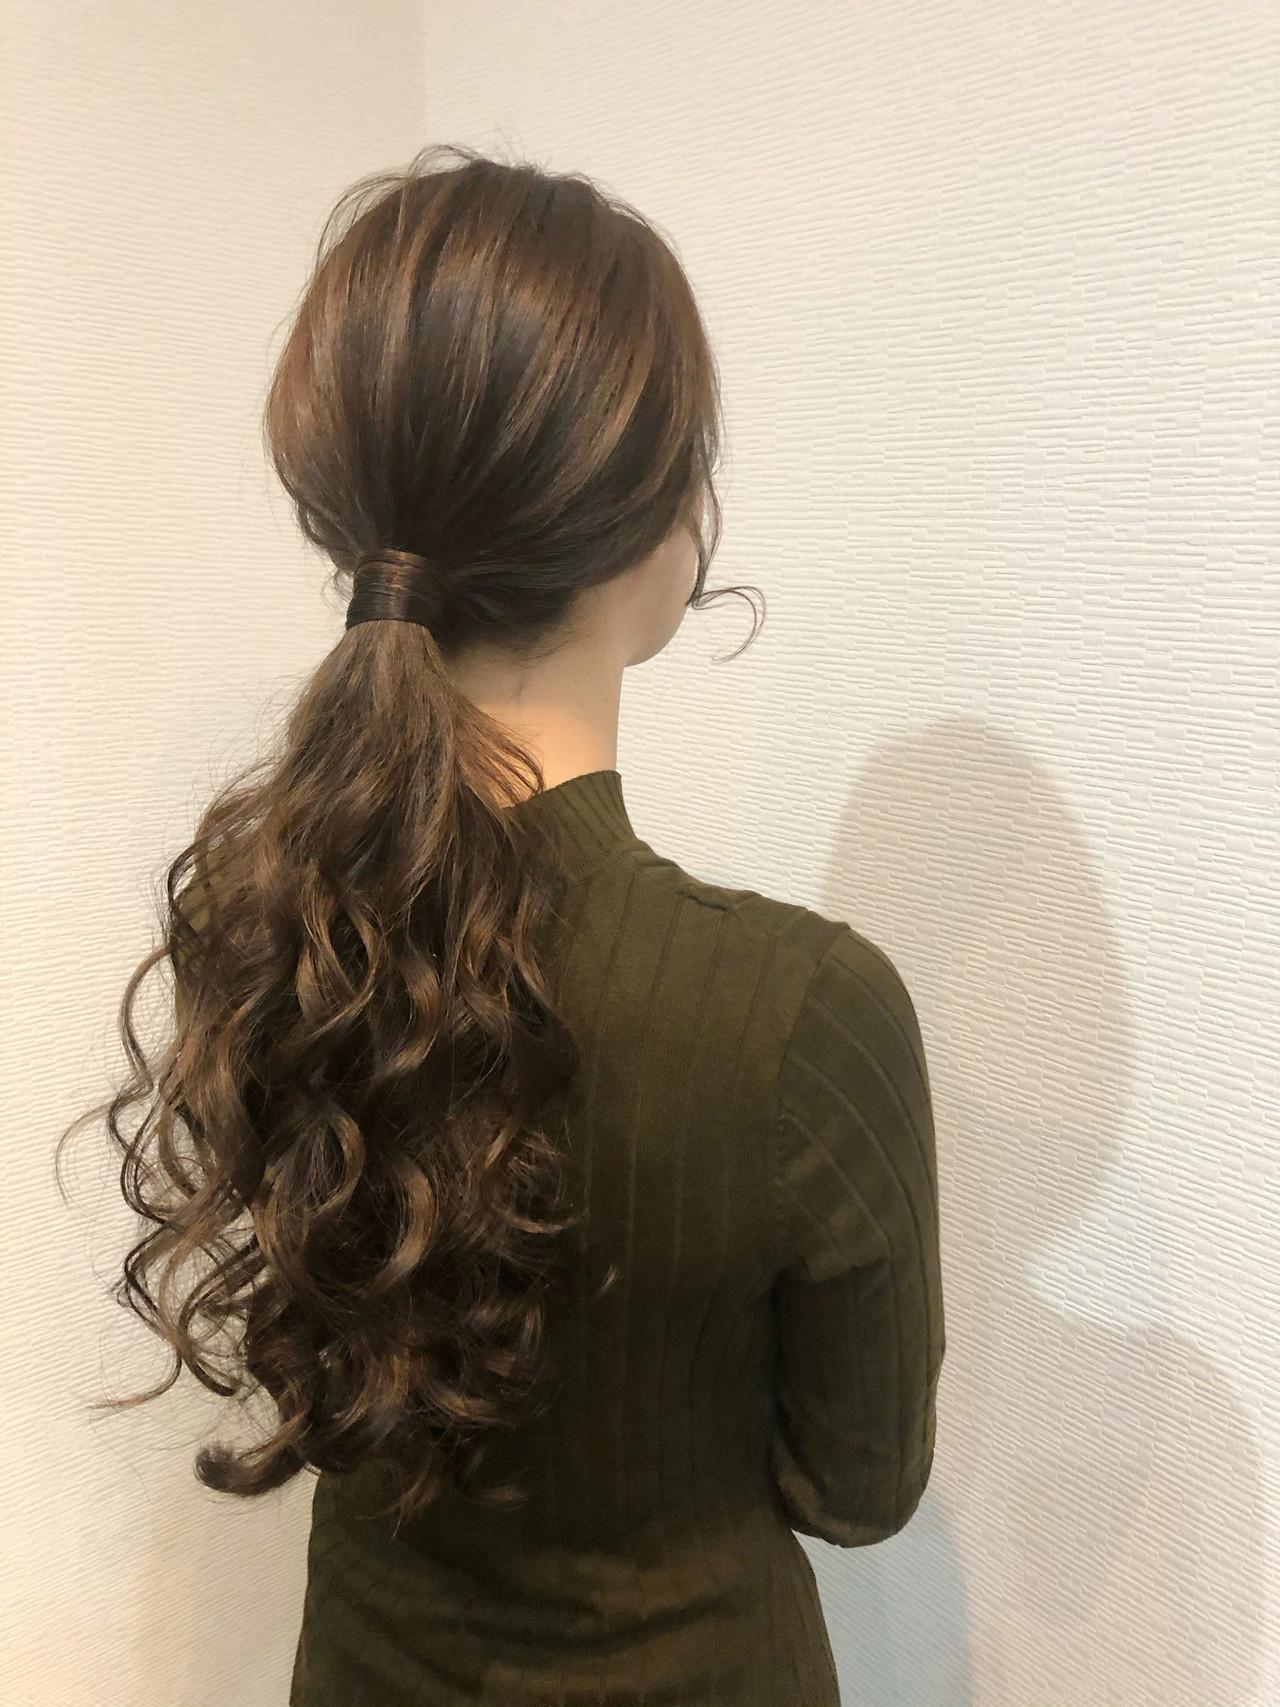 ローポニーテール 結婚式 ポニーテールアレンジ ロング ヘアスタイルや髪型の写真・画像